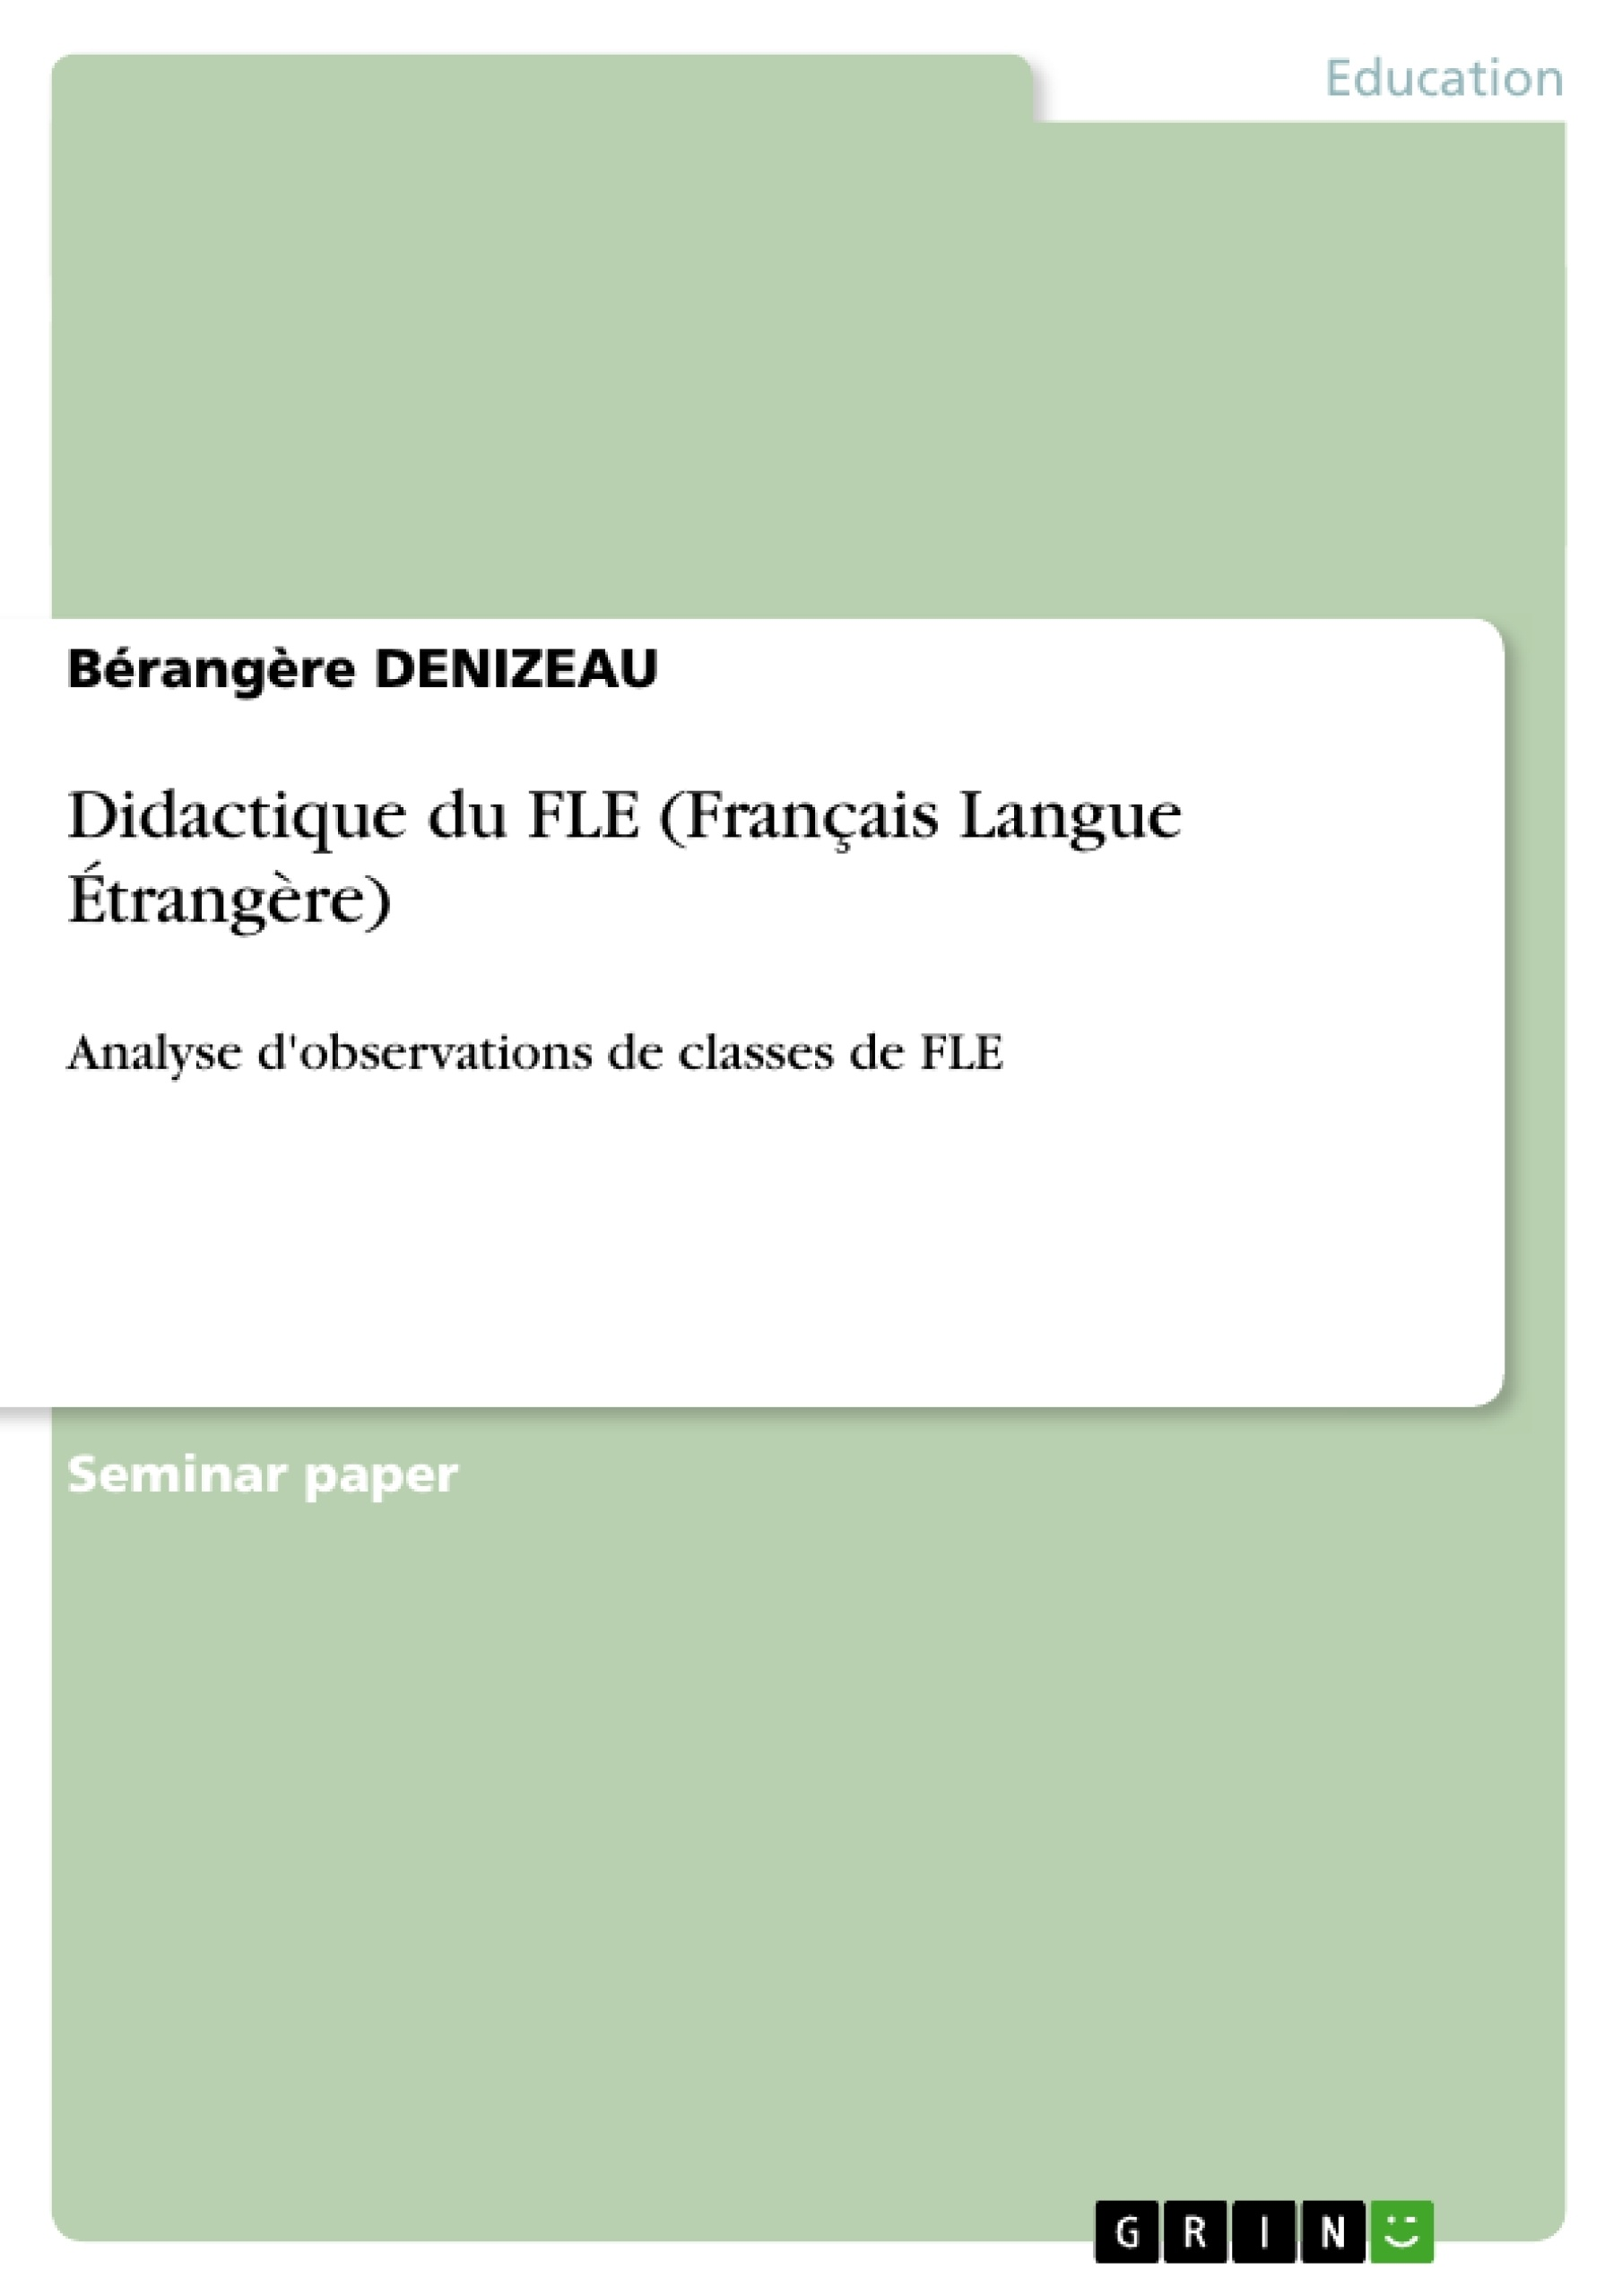 Titre: Didactique du FLE (Français Langue Étrangère)